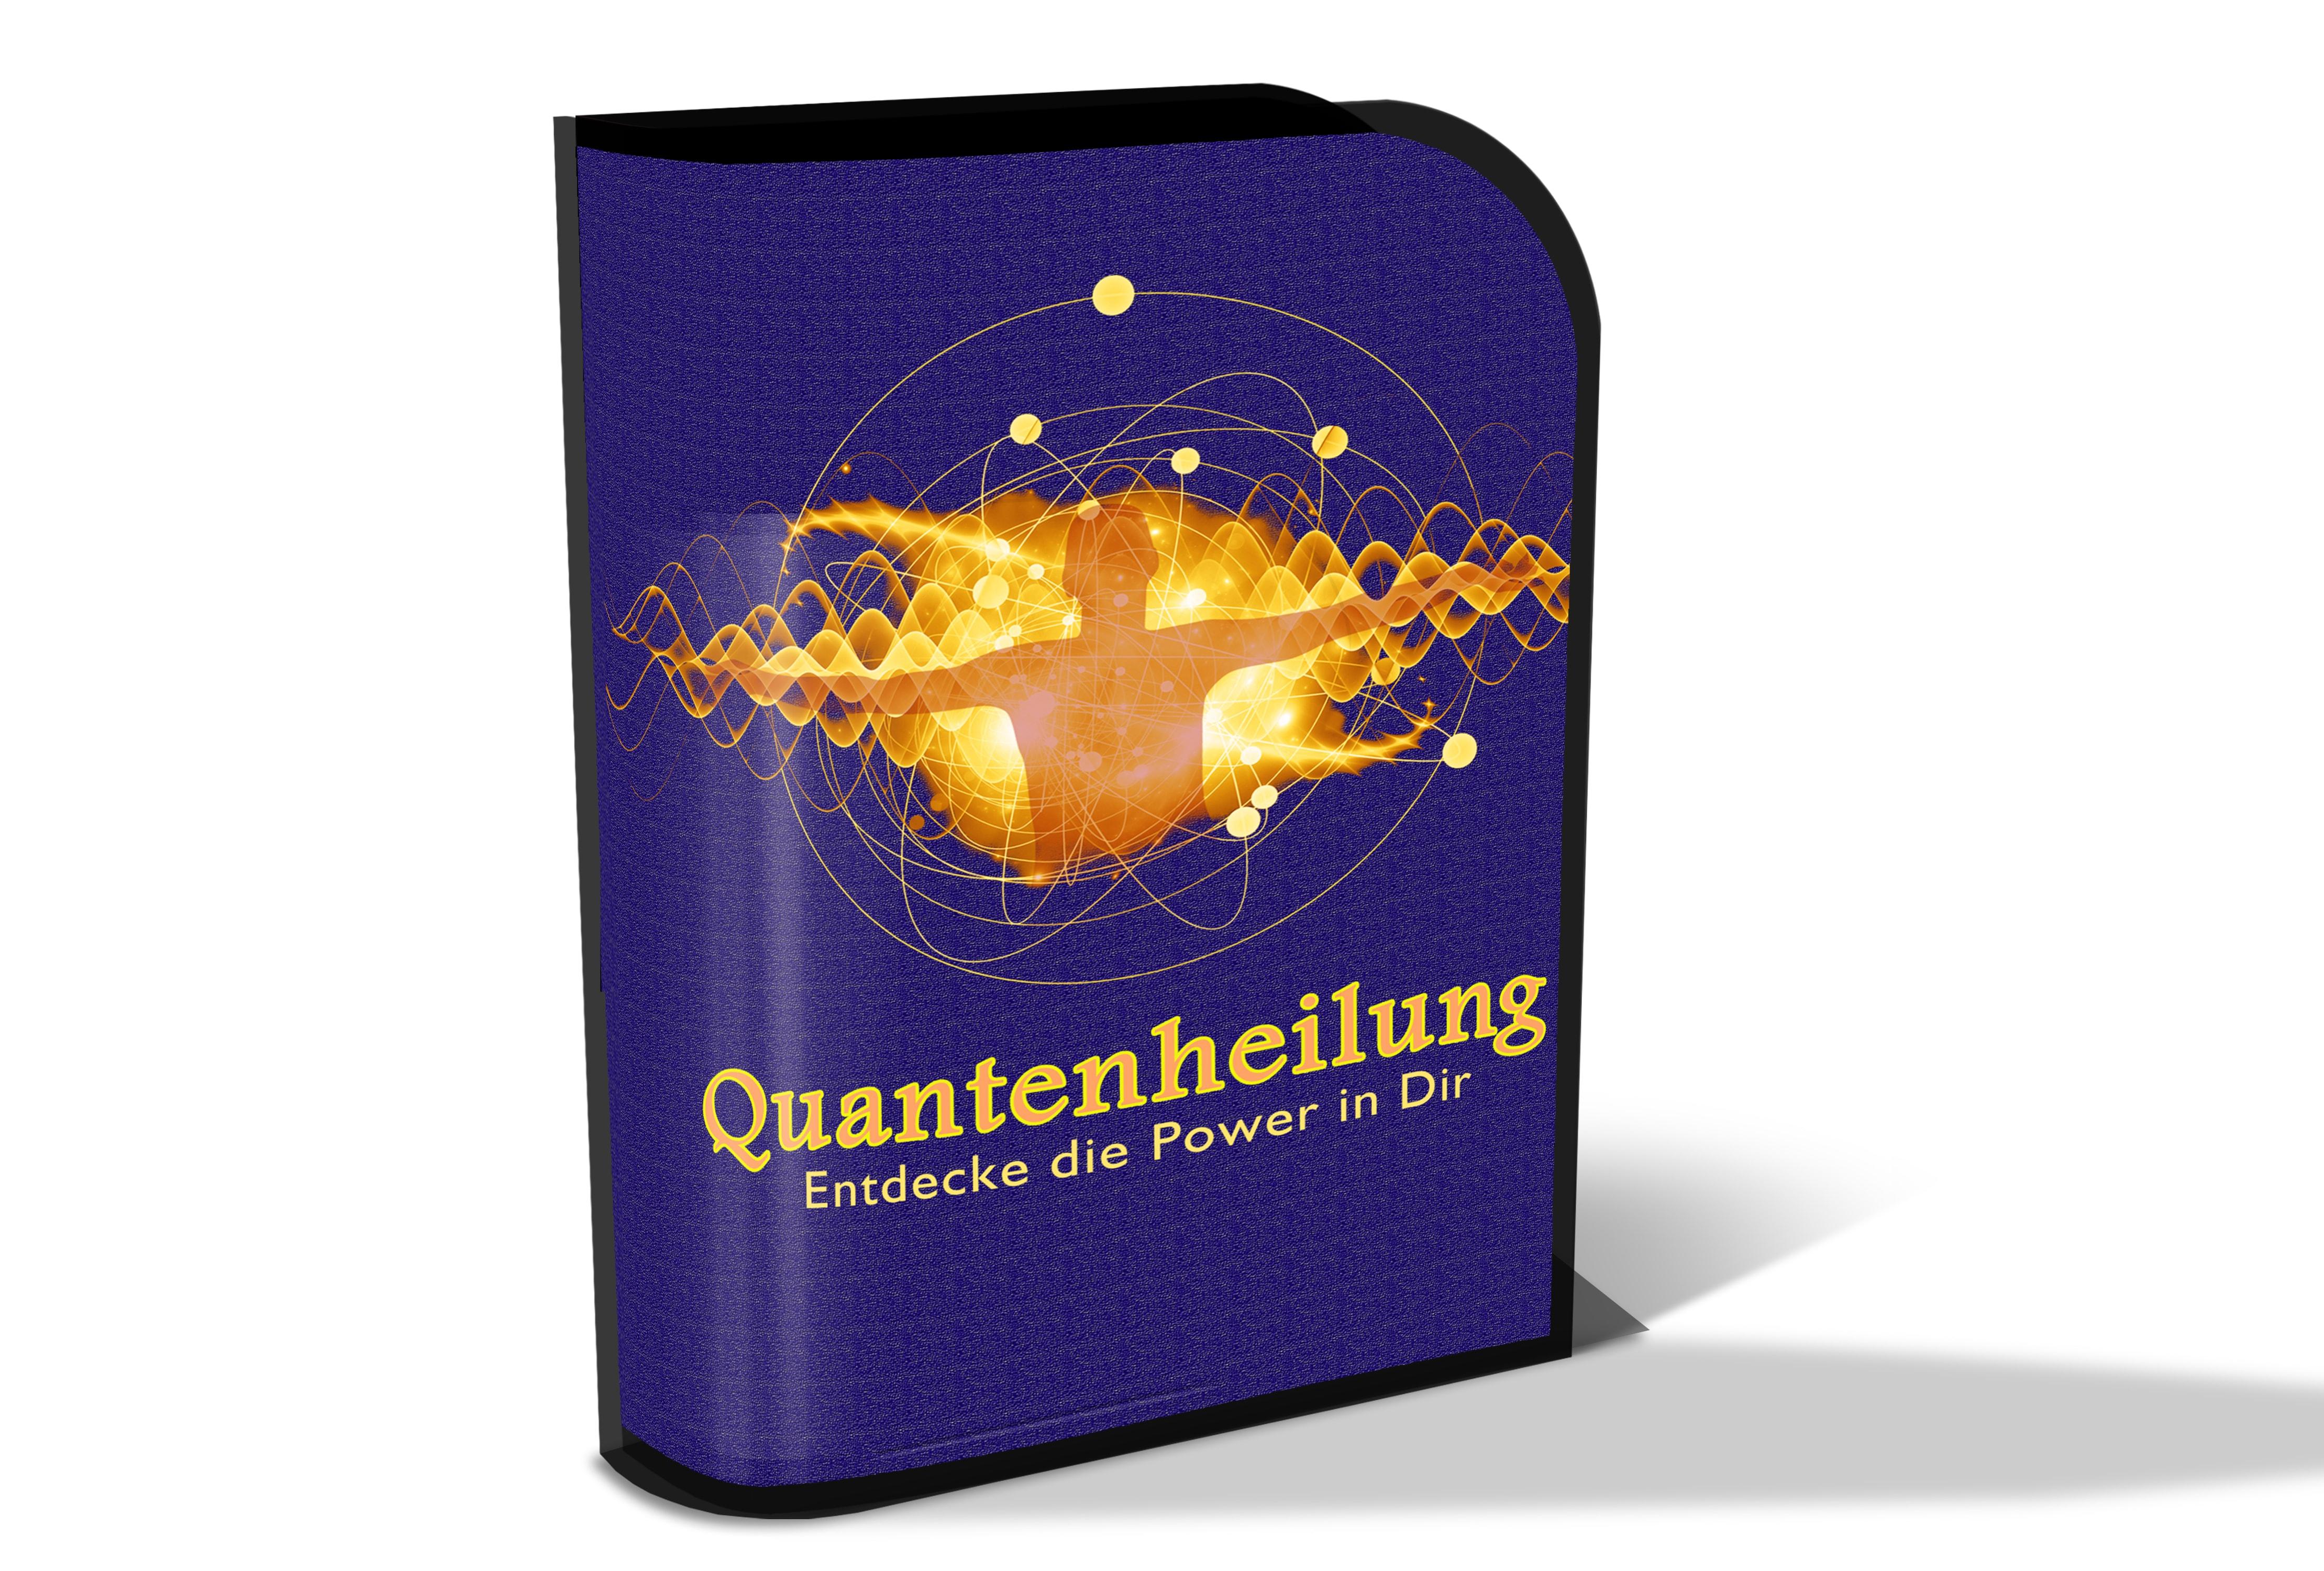 Quantenheilung-Entdecke die Power in dir